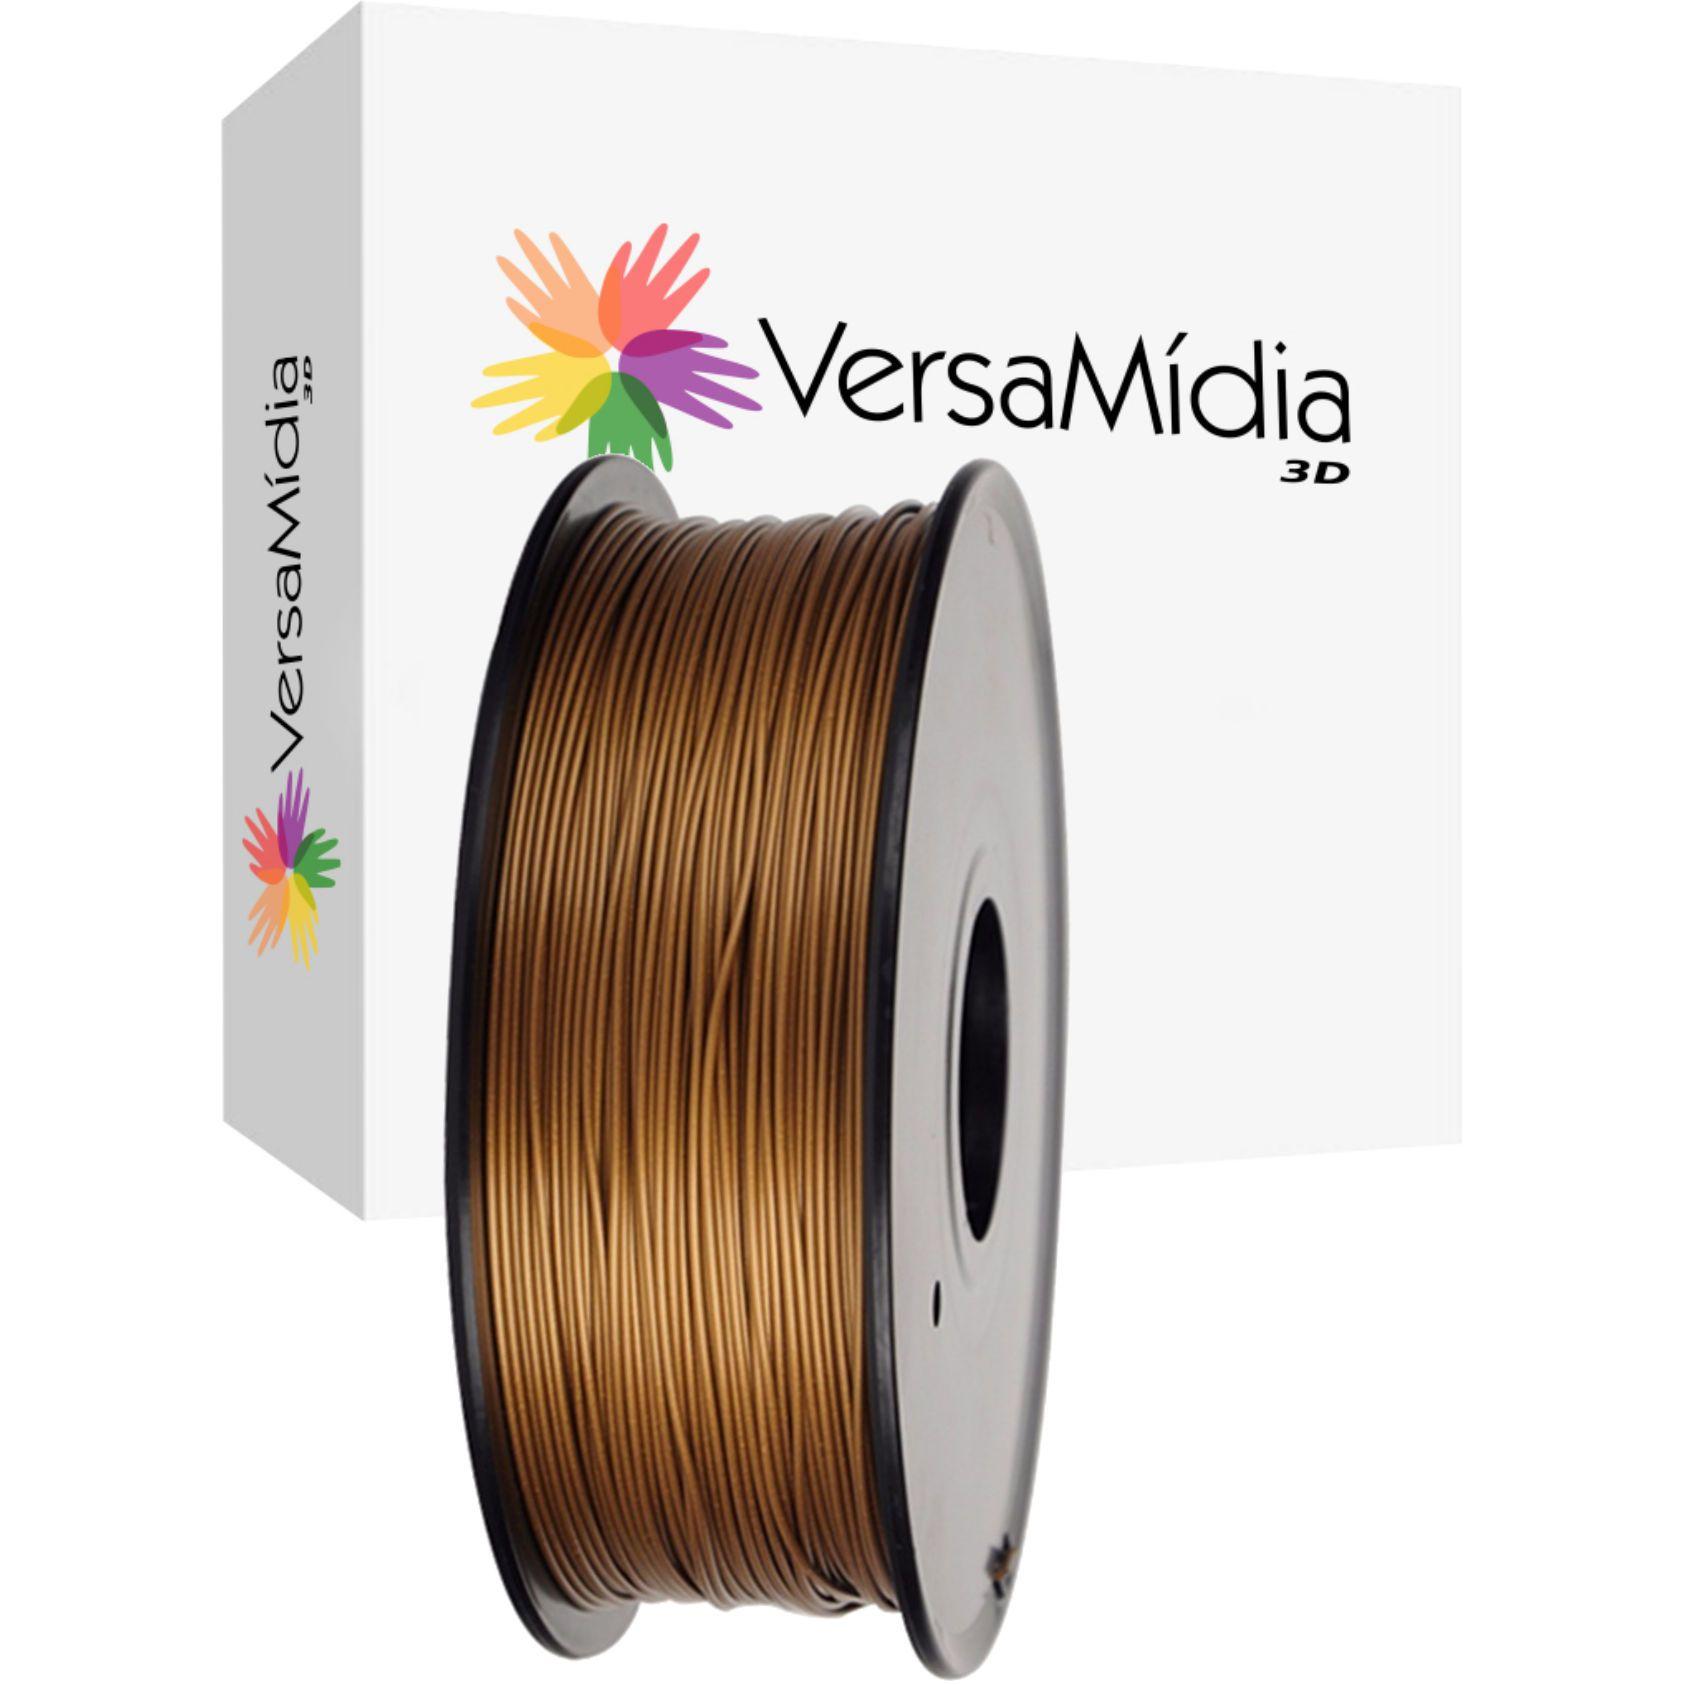 Filamento Metal + PLA  (Cobre)  VersaMídia 3D Premium  1.75mm 0.5Kg Black Spool - cód. 11515